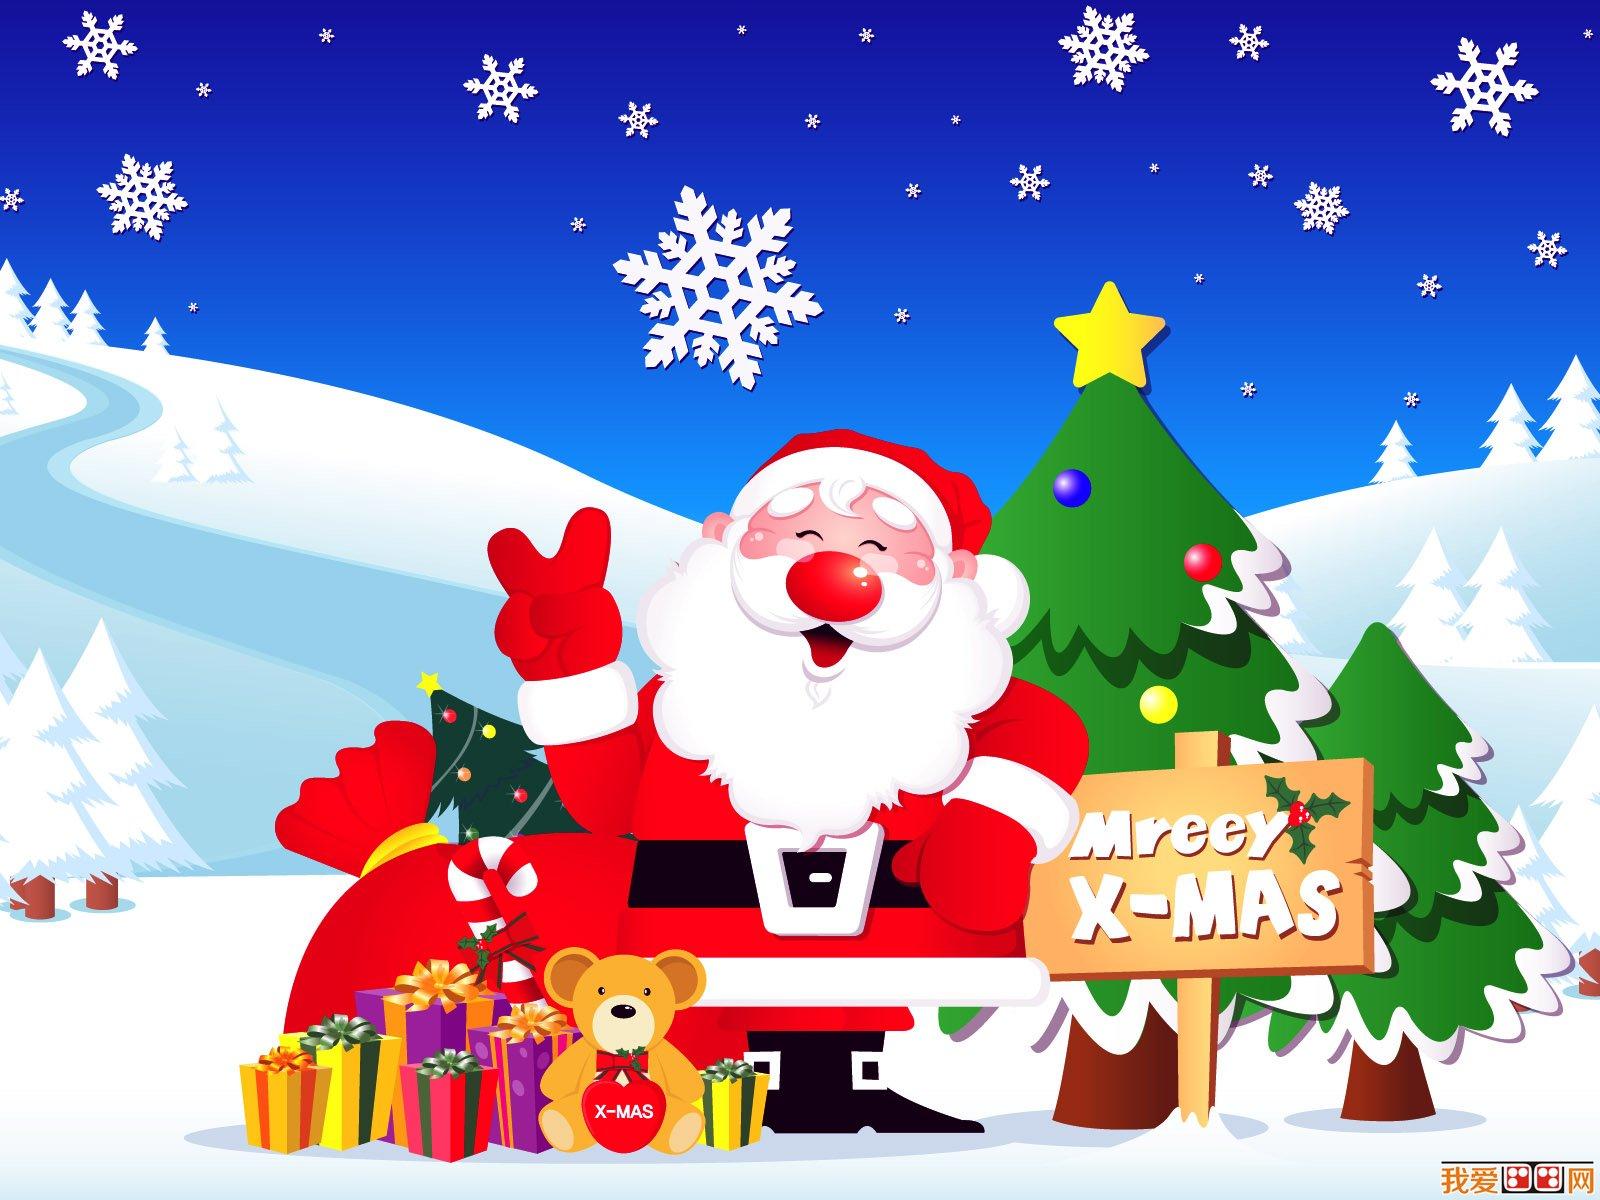 圣诞节主题可爱卡通画图片(2)